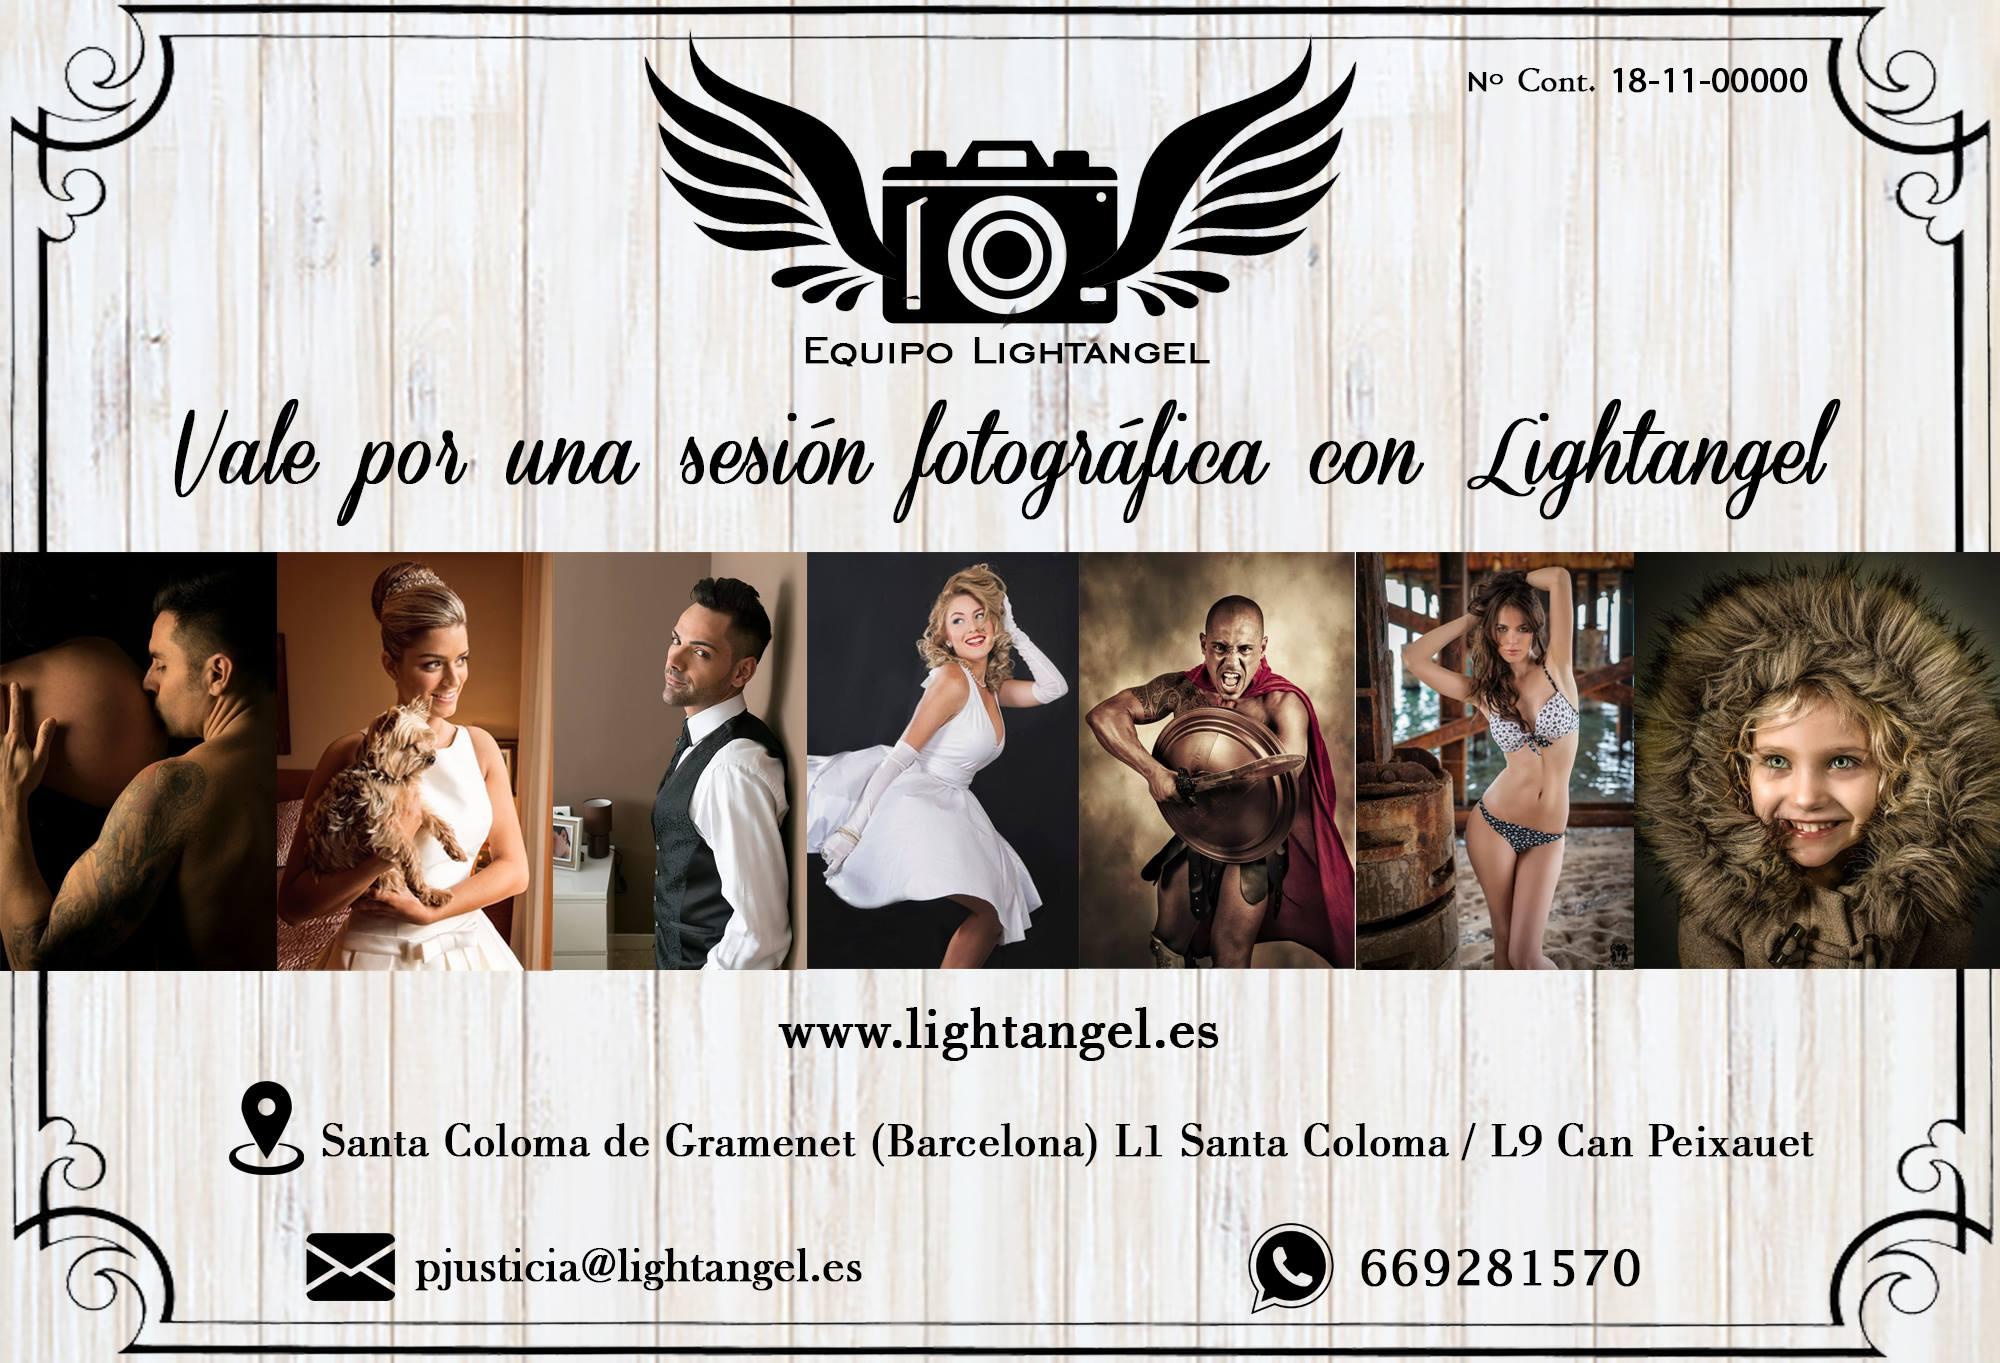 Vale por una sesion fotografica con lightangel santa coloma de gramenet barcelona - Regala una sesión fotográfica -